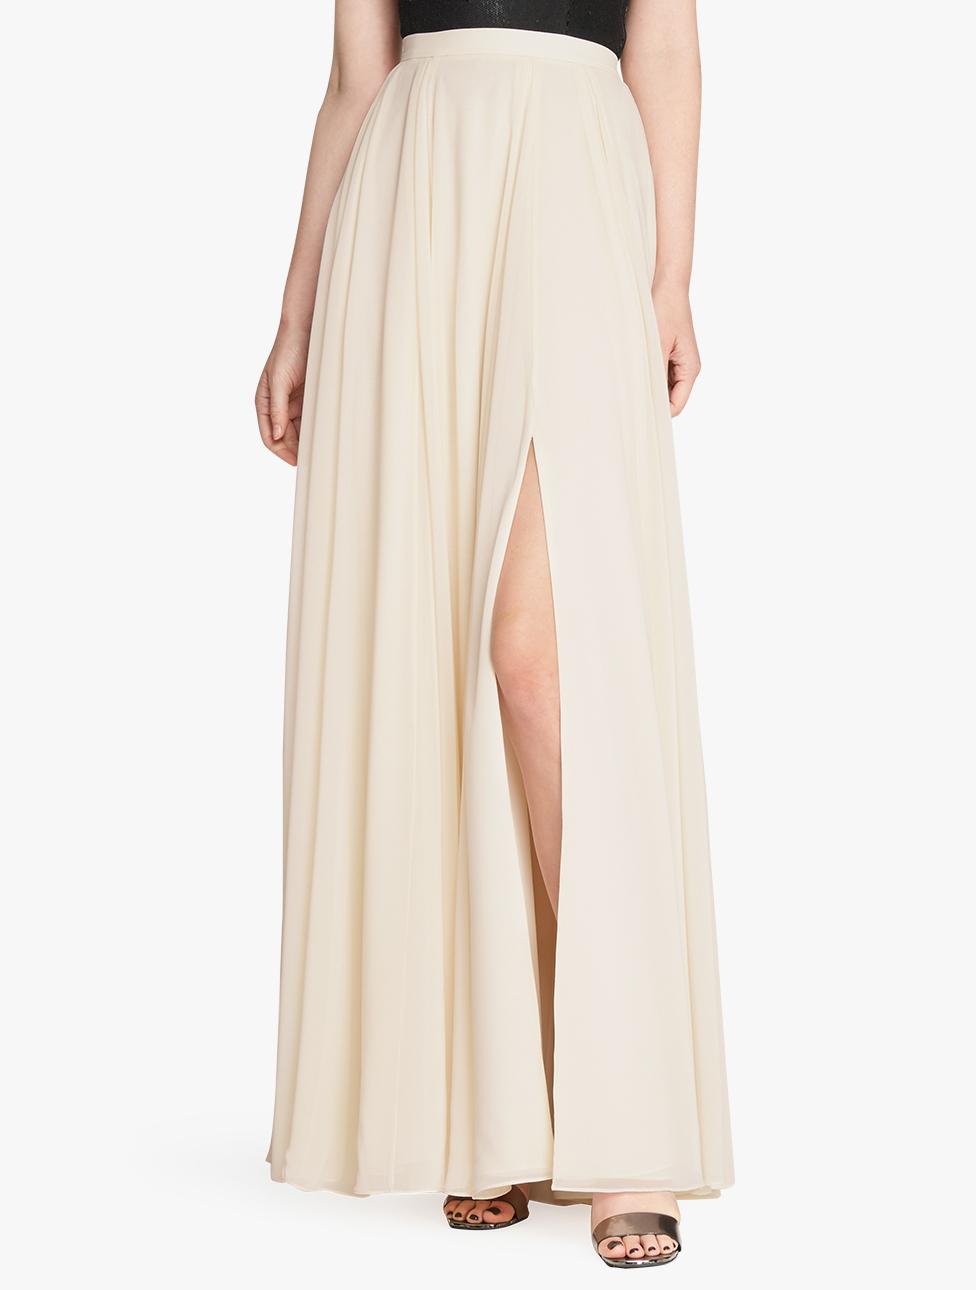 flowy maxi skirt in lyst